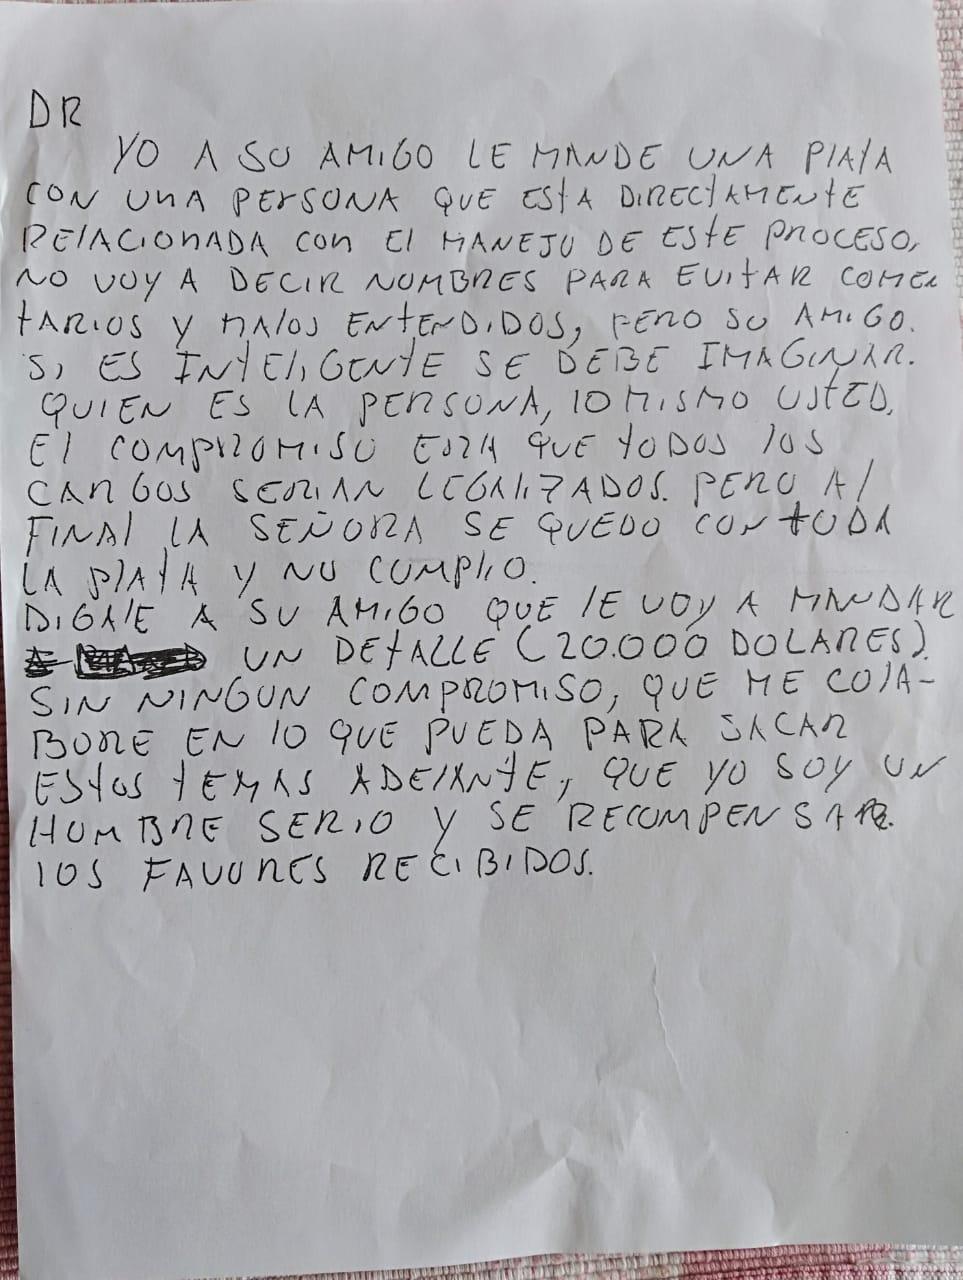 TESTIGO CLAVE EL MELLIZO